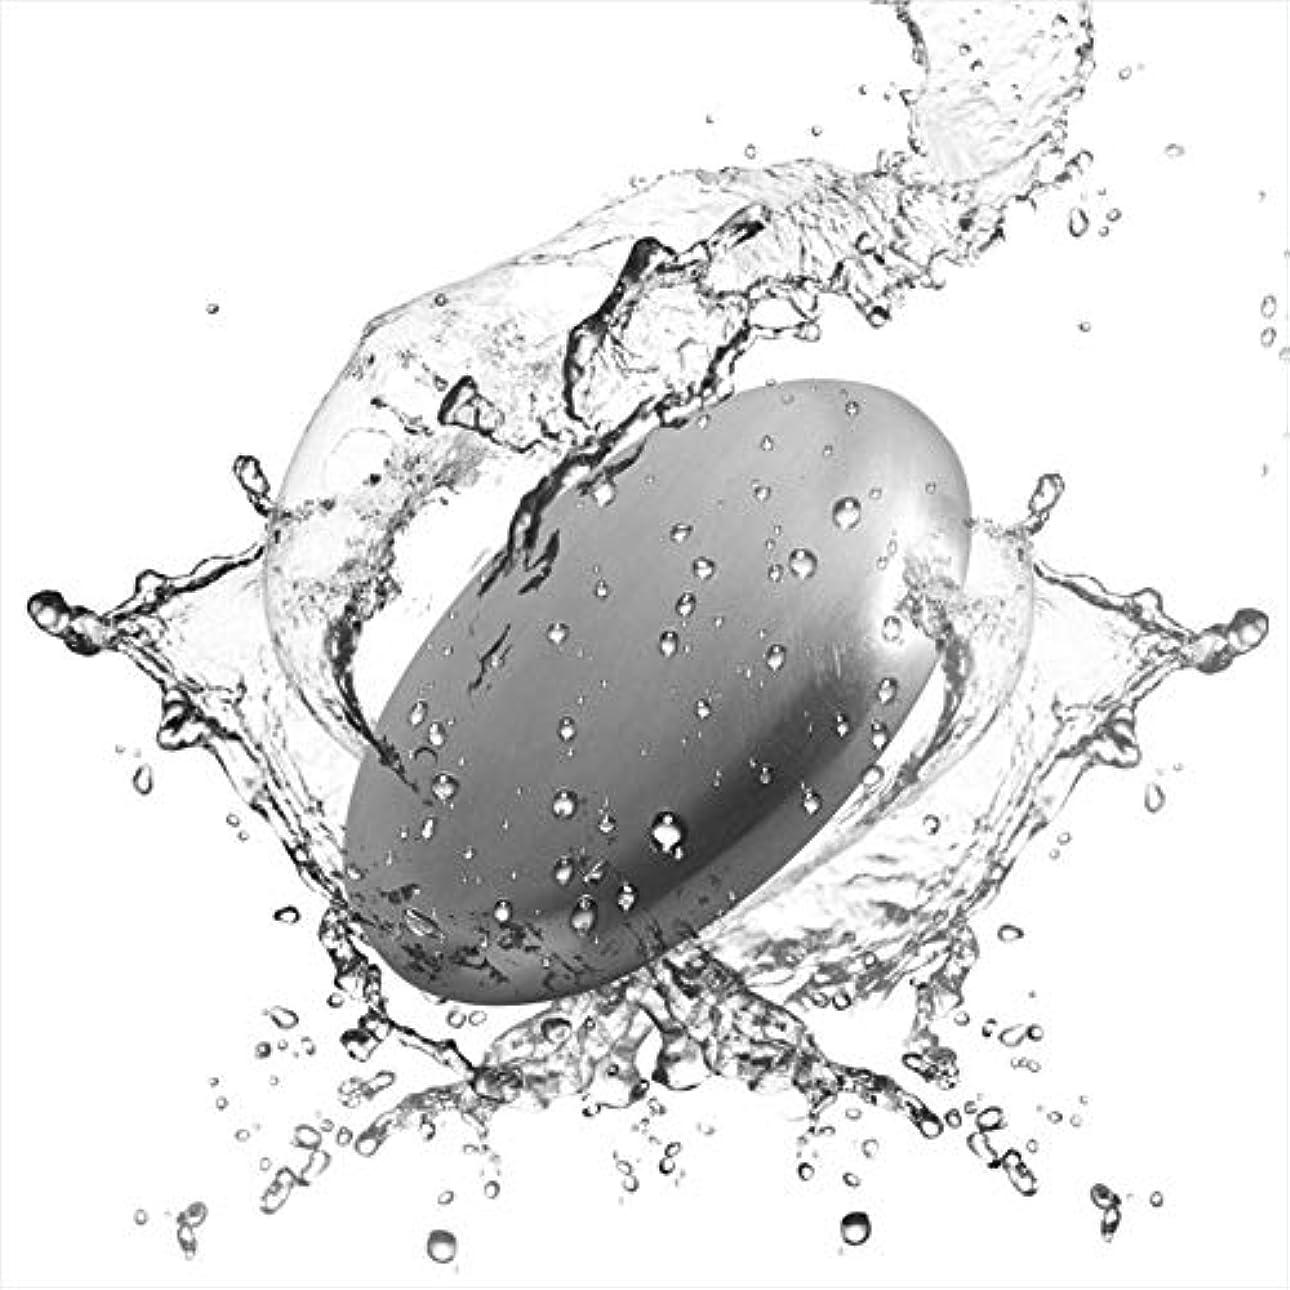 リングロンドンラフトRefoiner ステンレス製品 ソープ 実用的な台所用具 石鹸 魚臭 玉ねぎやニンニク 異臭を取り除く 2個